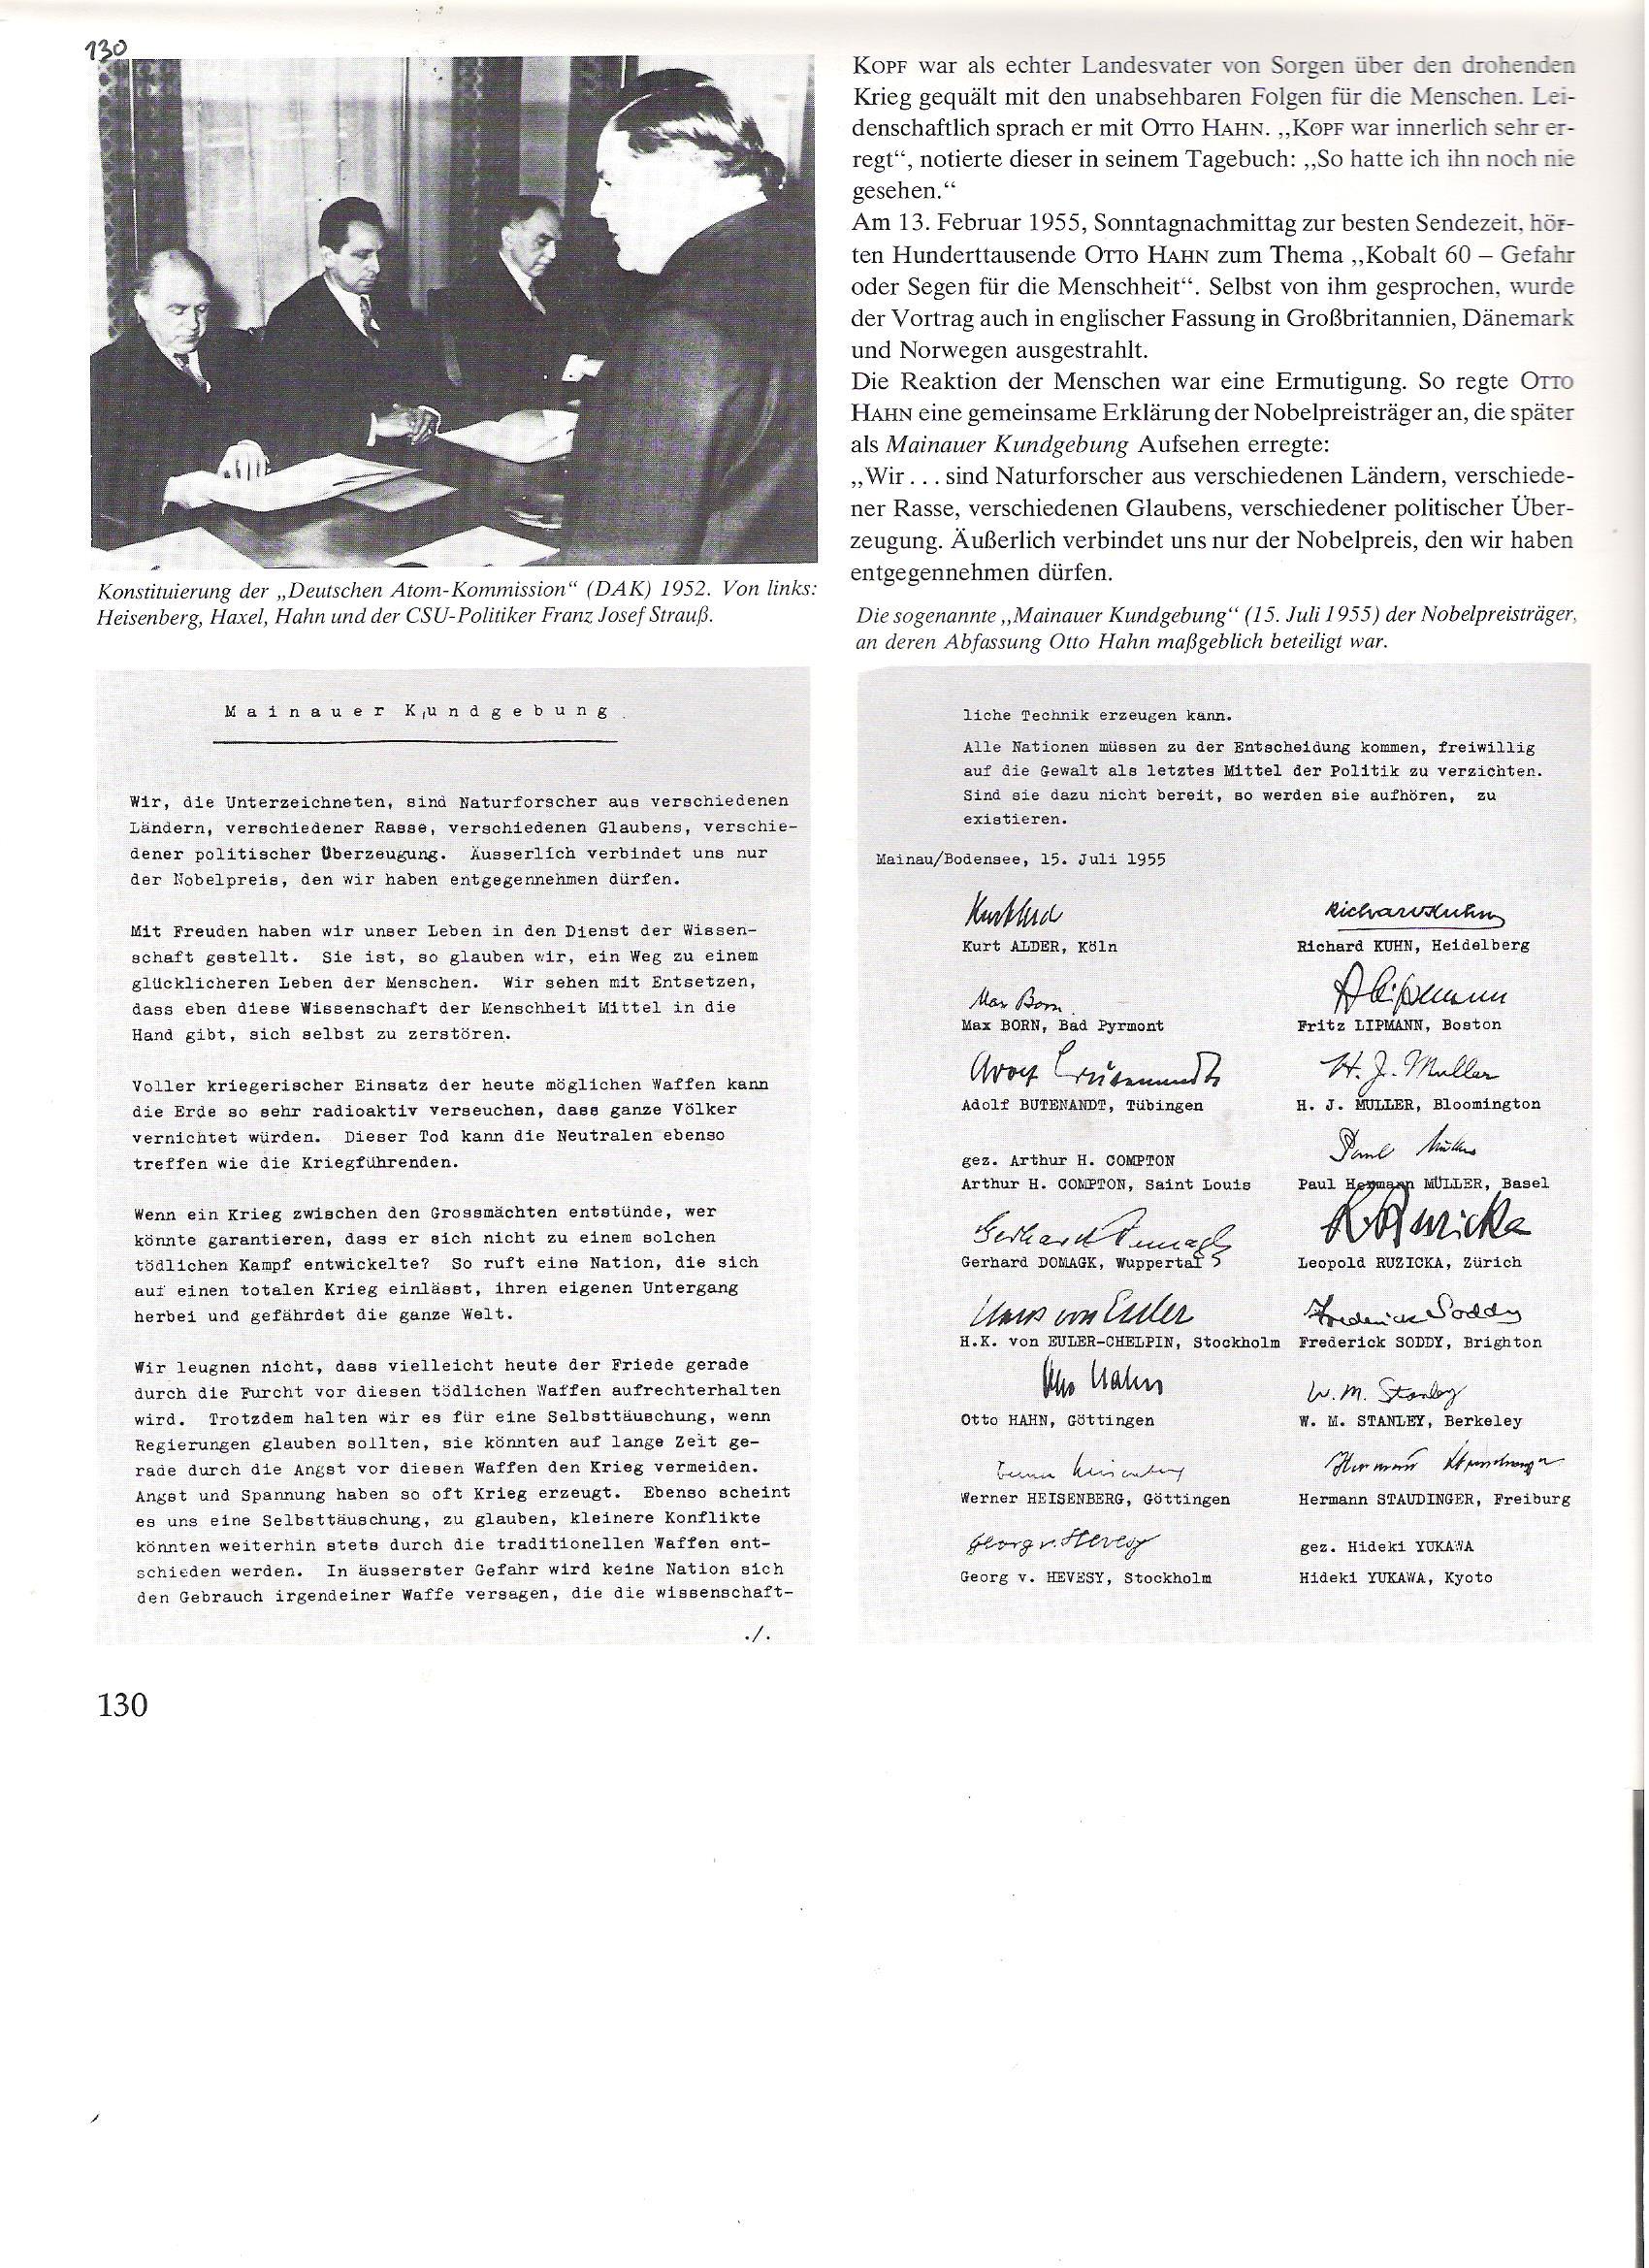 """130<br />A """"Deutsche Atomkomission""""  (DAK) felállása, 1952-ben. Balról jobbra: Heisenberg, Haxel, Hahn és a CSU politikus, Franz Josef Strauß.<br /><br />130<br />Az ún. Mainauer kiáltvány  (1955. július 15), Nobel-díjasok fölhívása, Hahn jelentős részvételével.<br />160<br />Heves viták folytak 1957-ben a tervezett atomreaktor elhelyezéséről. A kiszemelt hely, Karlsruhe város és vidék környéke összes községe vehemensen tiltakozott. Max Borell, Friedrichstal polgármesterét országos lapok bírálták, mondván, nyakas fejlődésellenes, akadályozza egy energiaforrás építését, """"amire pár éven belül, föltétlen szükségünk lesz."""" (STERN-magazin). A """"nyűgösnek"""" kikiáltott Borell, aki községe nyugalmáért aggódott, elvesztette a politikai csatát."""